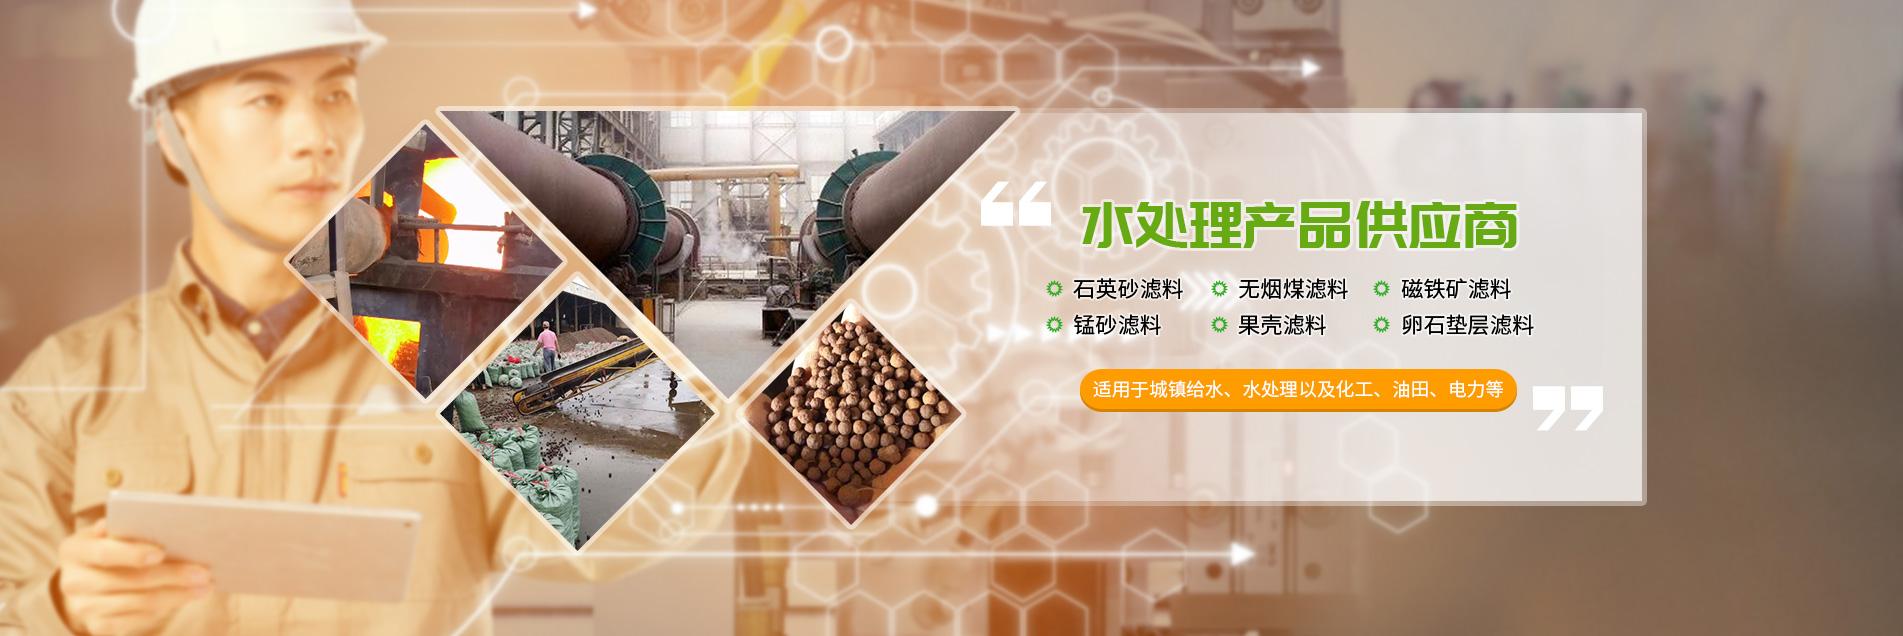 上海森卡环保科技有限公司